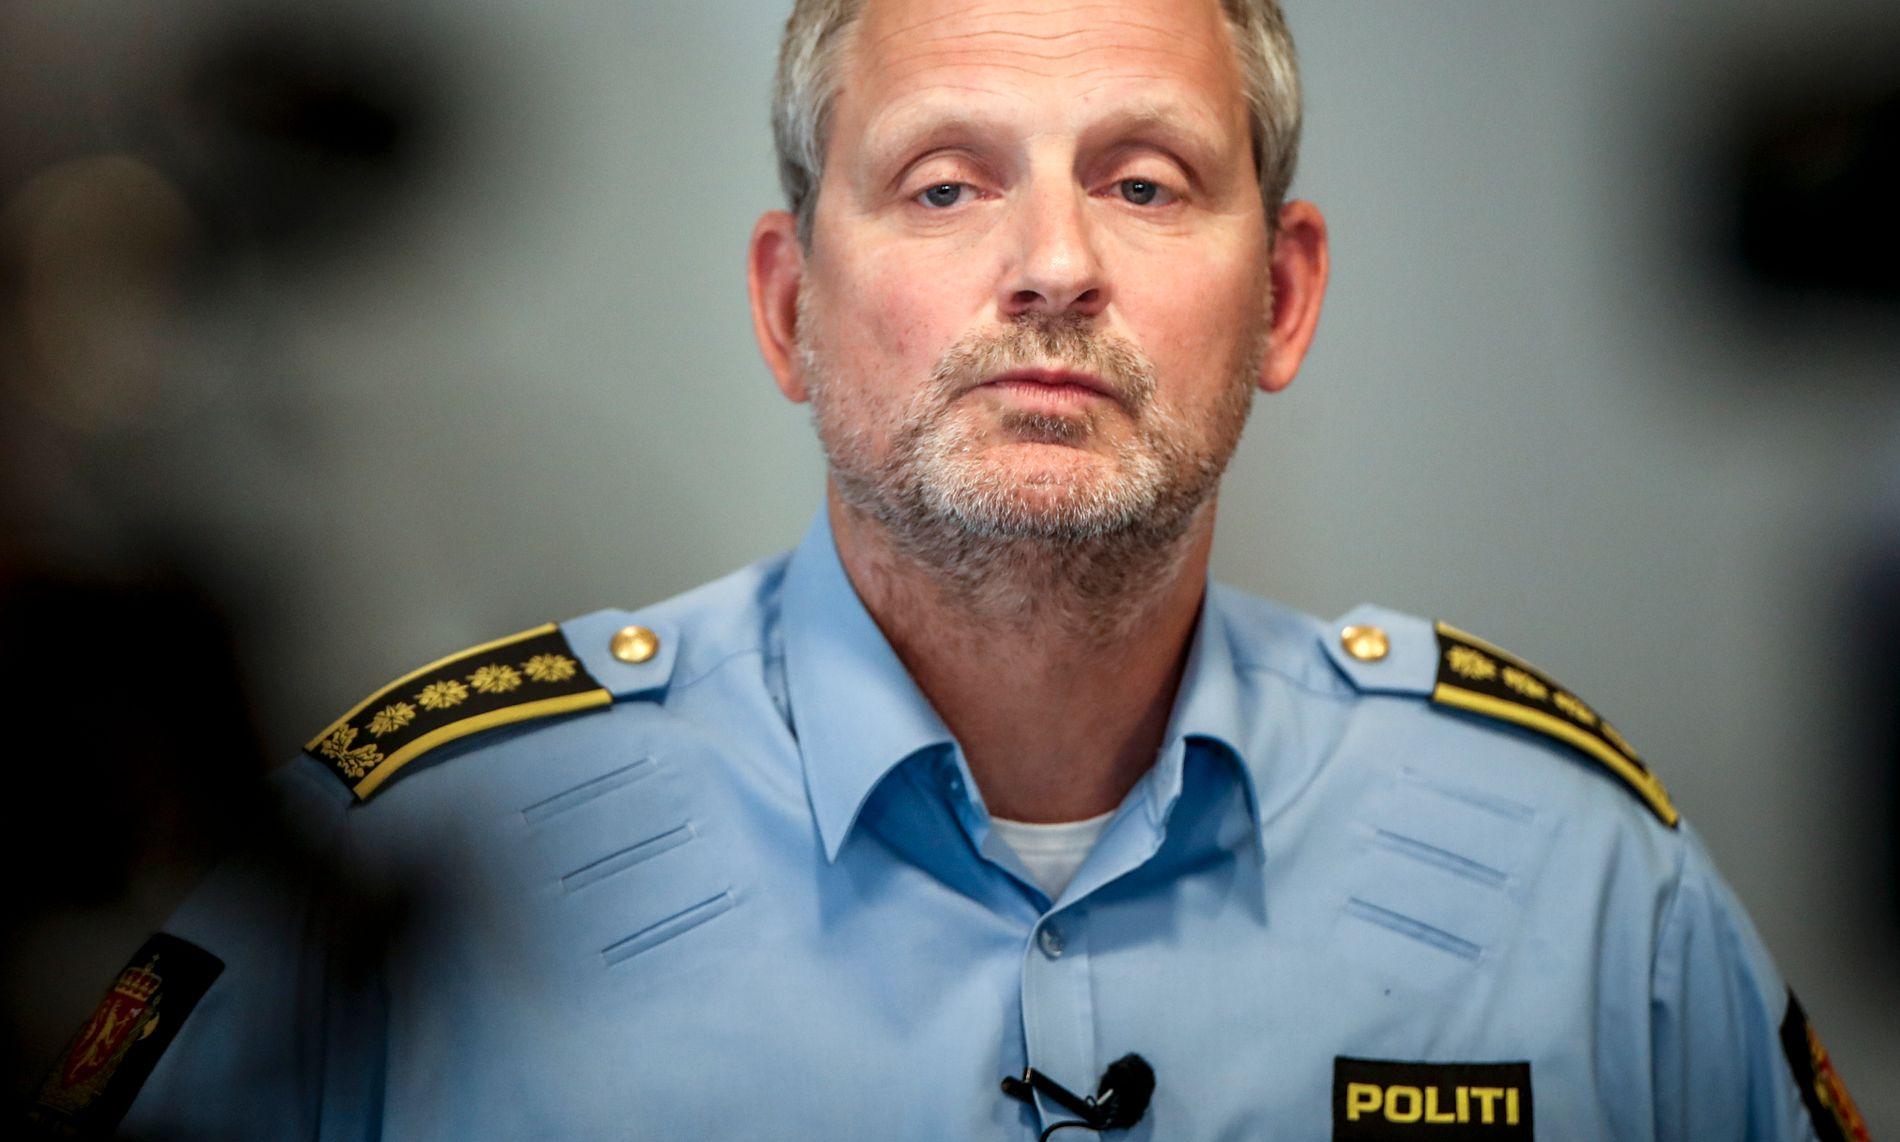 Politiinspektør Tommy Brøske